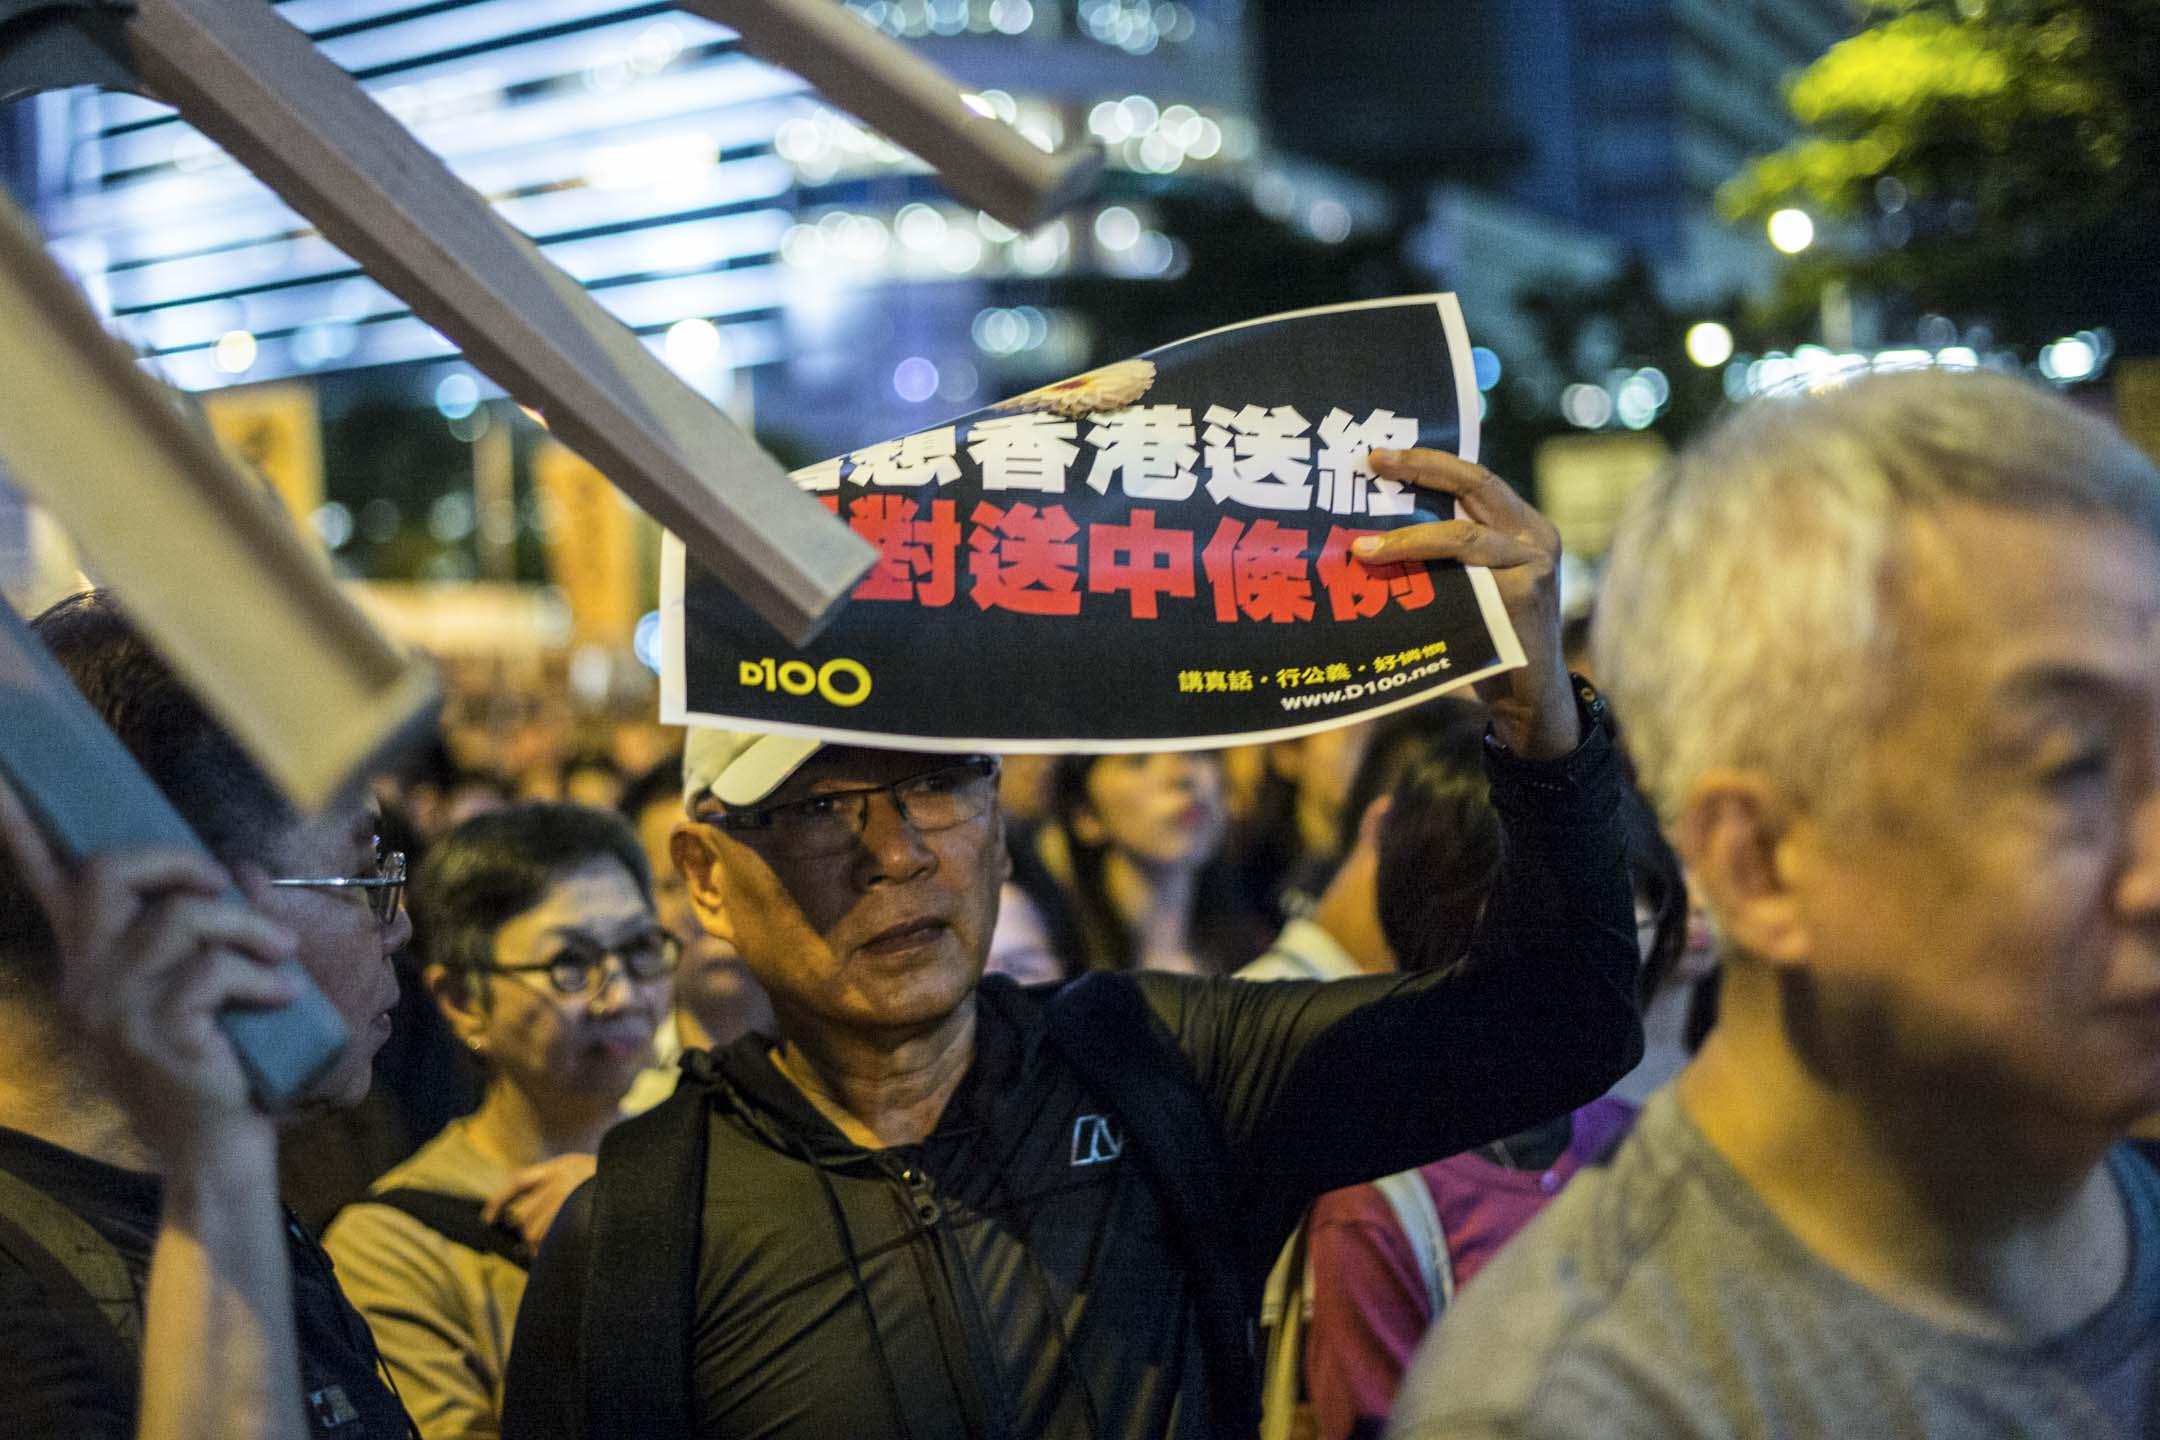 2019年5月10日,民陣在立法會外舉行集會,反對修訂《逃犯條例》,並聲援通宵留守於立法會會議室的民主派議員,約1000人出席。 攝:林振東/端傳媒